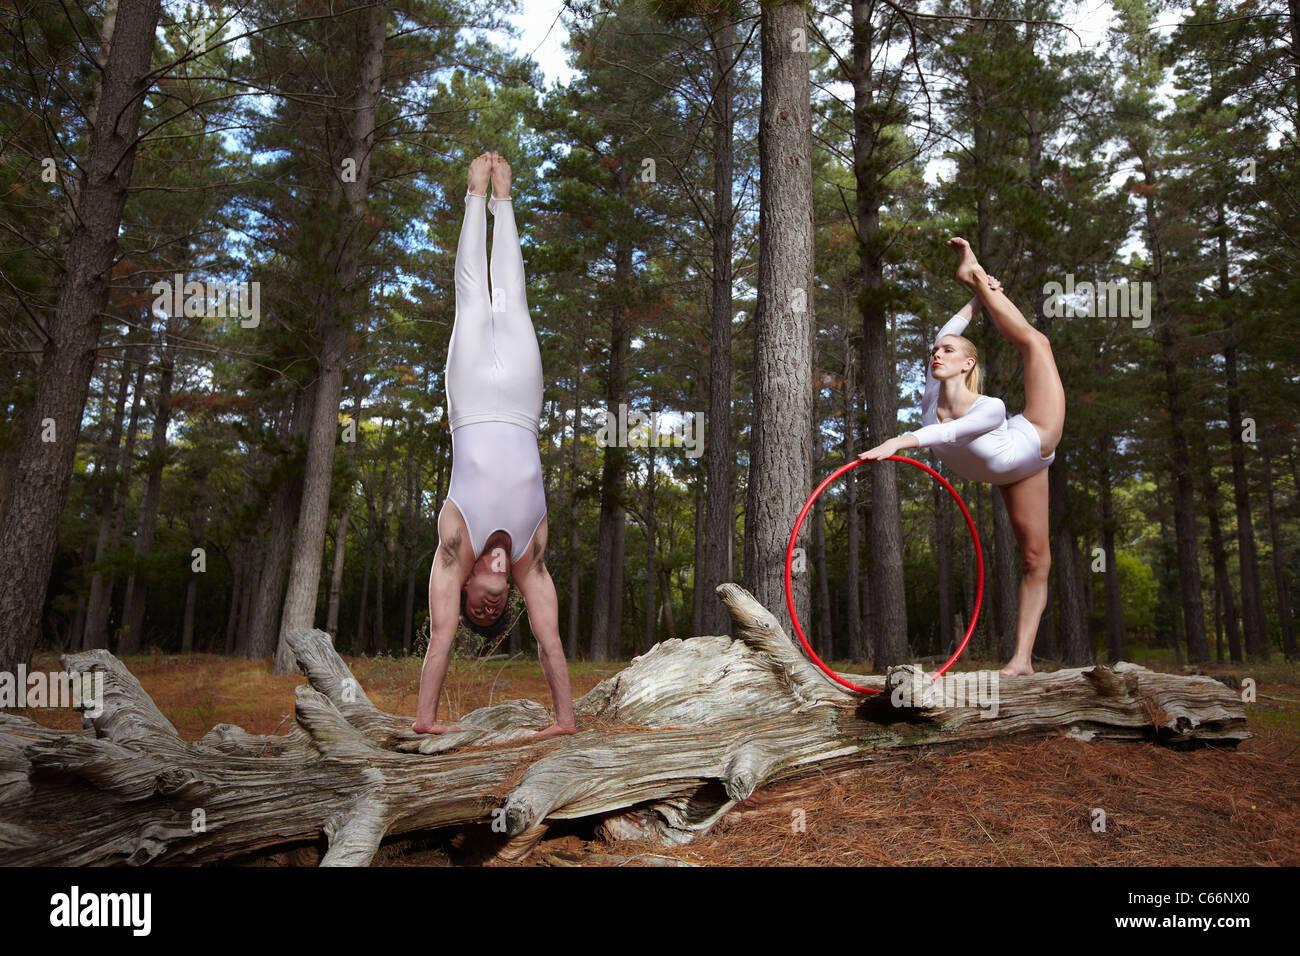 Ballerini in posa sul log in foresta Immagini Stock